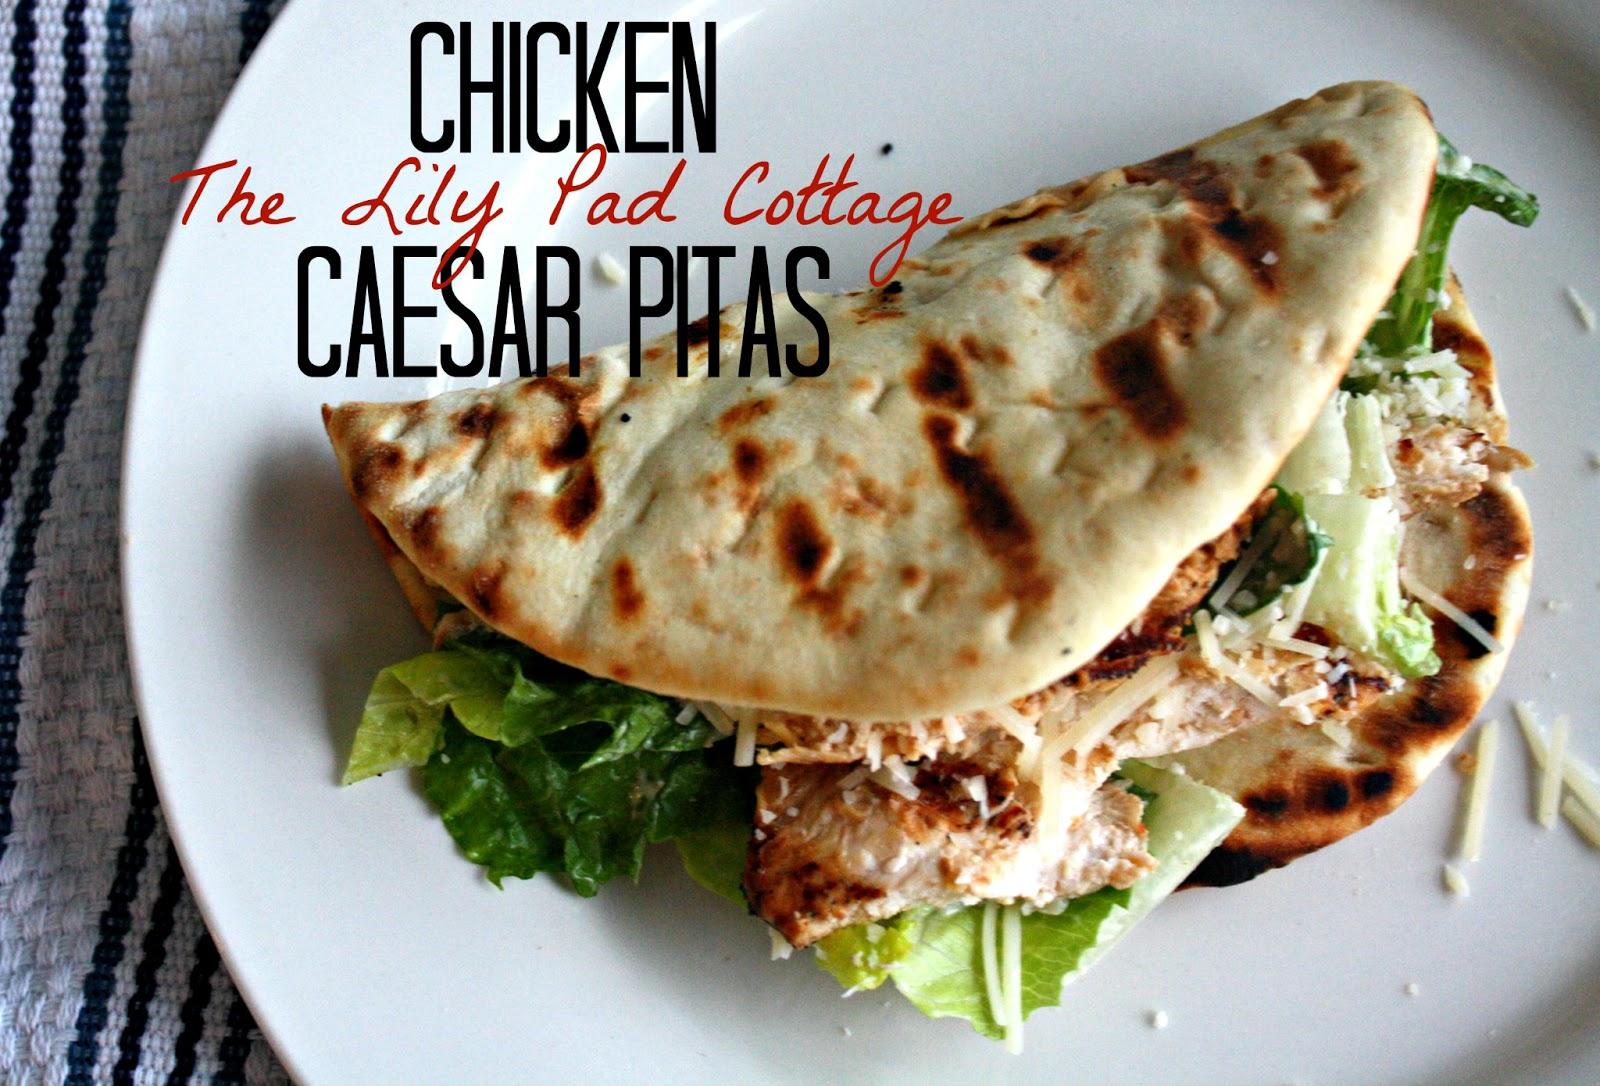 Chicken Caesar PitasThe Lilypad Cottage